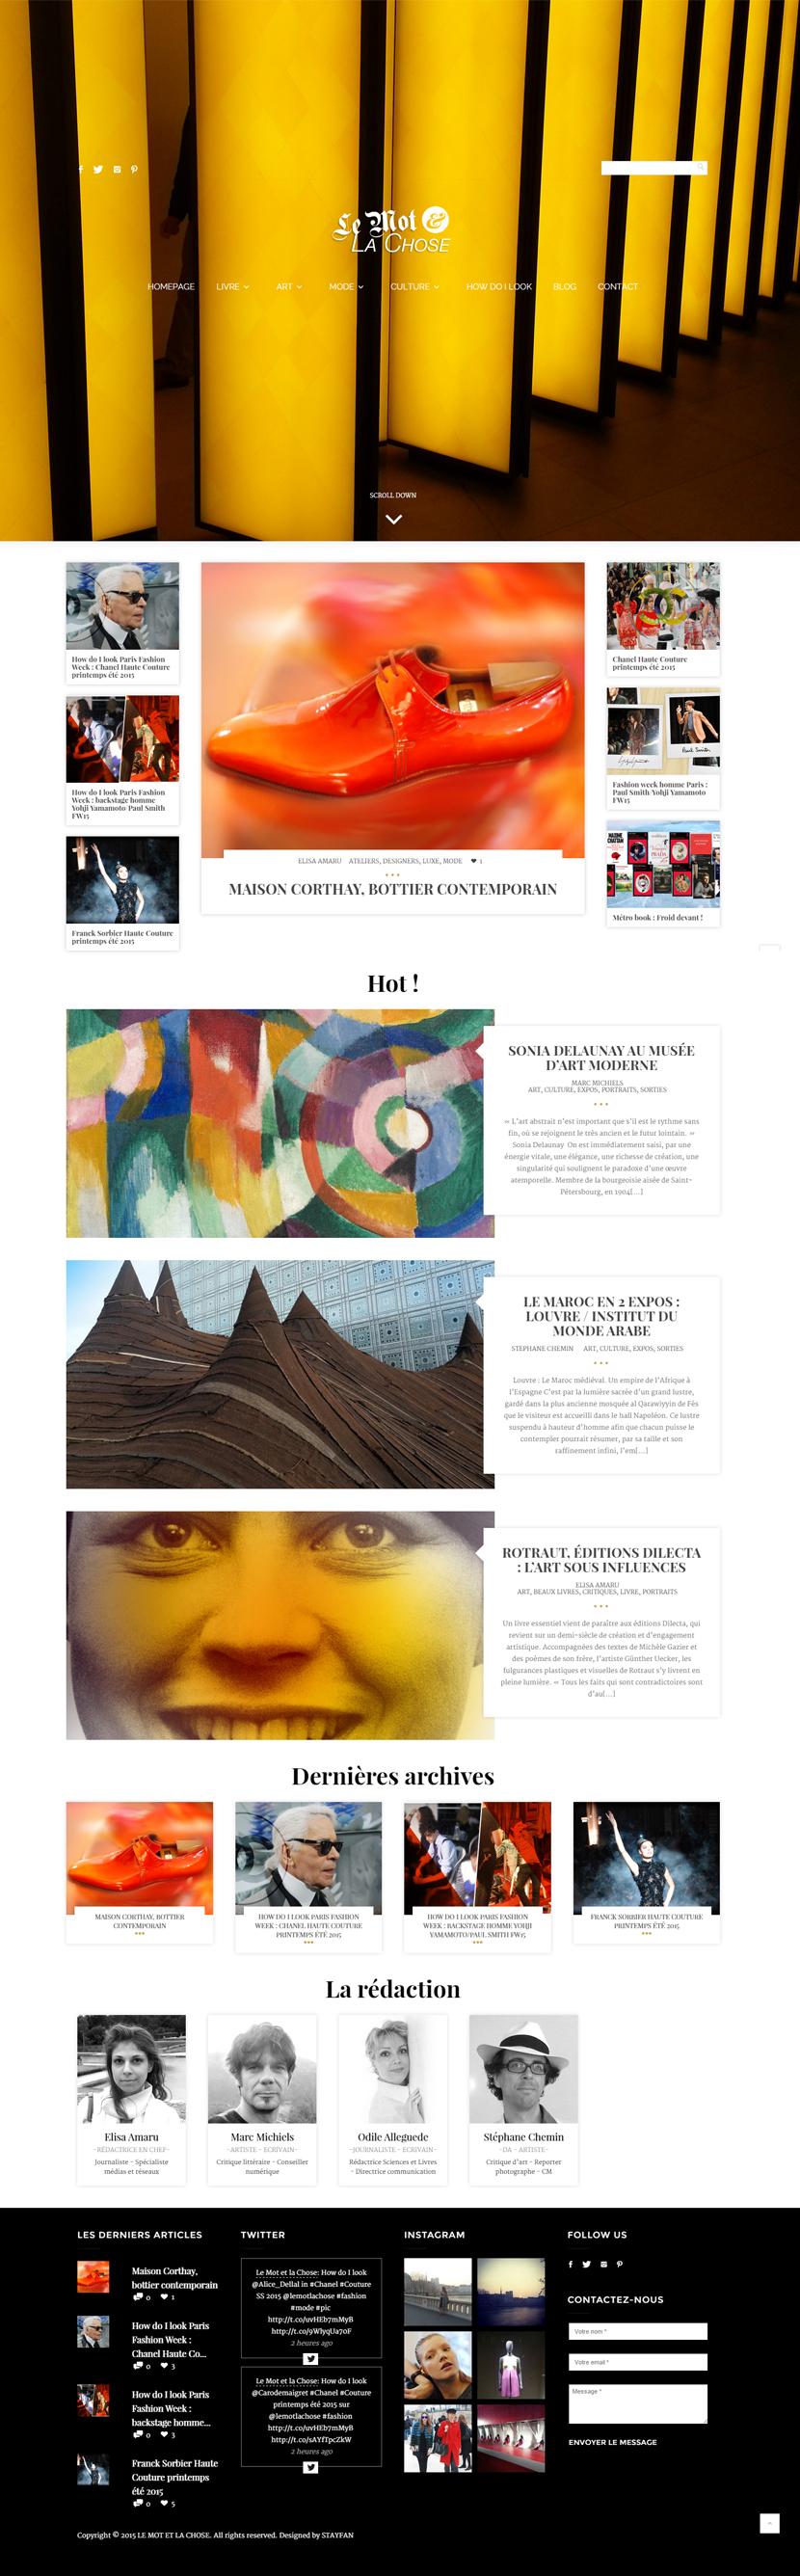 Le-mot-la-chose_Stephane-Chemin-Directeur-Artistique-Graphiste-freelance_01